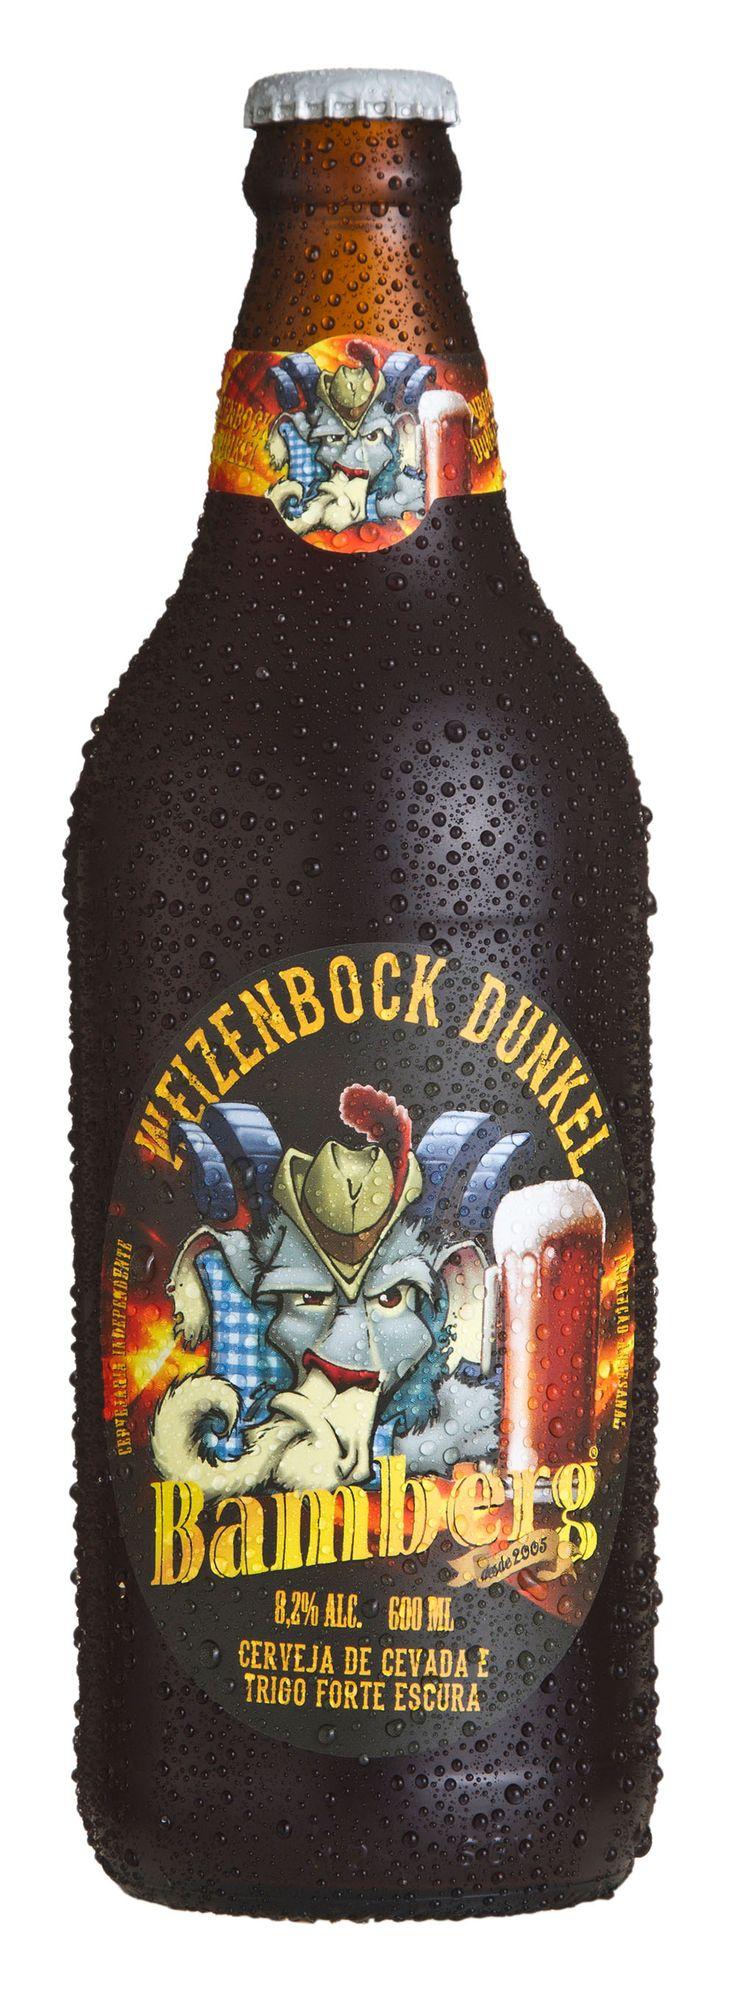 Bamberg Weizenbock Dunkel. Cervejaria Bamberg. Votorantim-SP. #brazil #beer